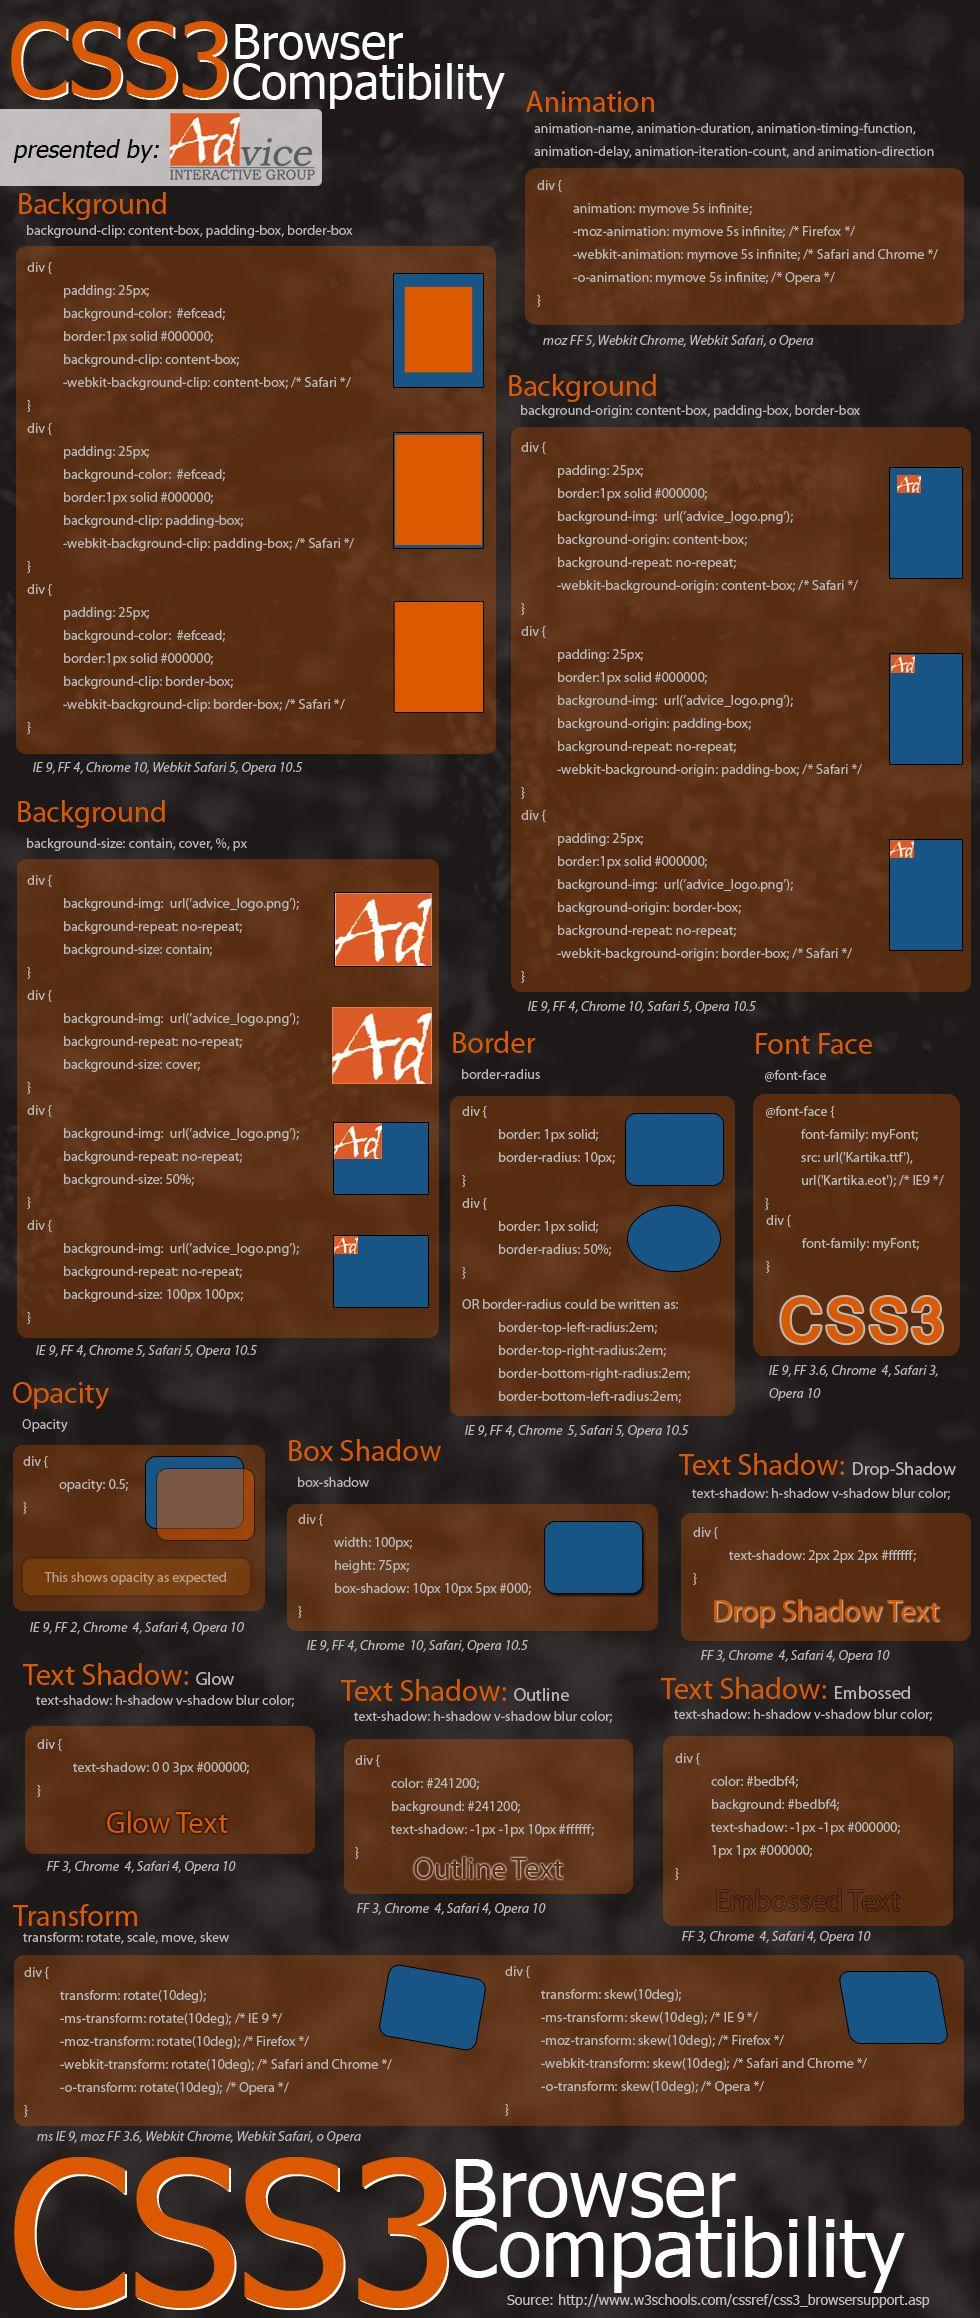 Compatibilidad CSS3 con los distintos navegadores